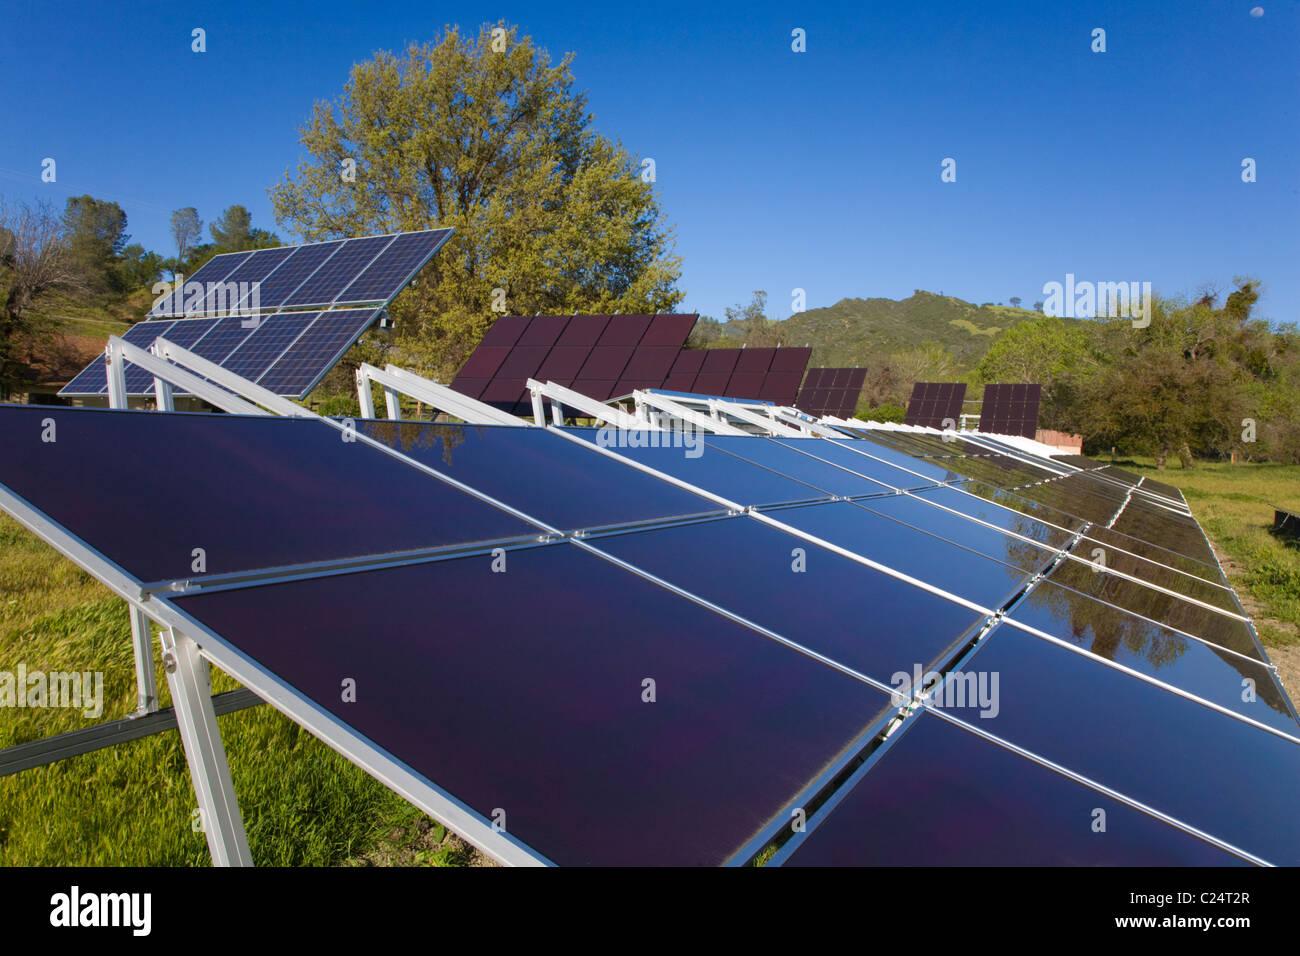 Pannello solare a schiera di un intervallo di costiera ranch di bestiame in California centrale Immagini Stock